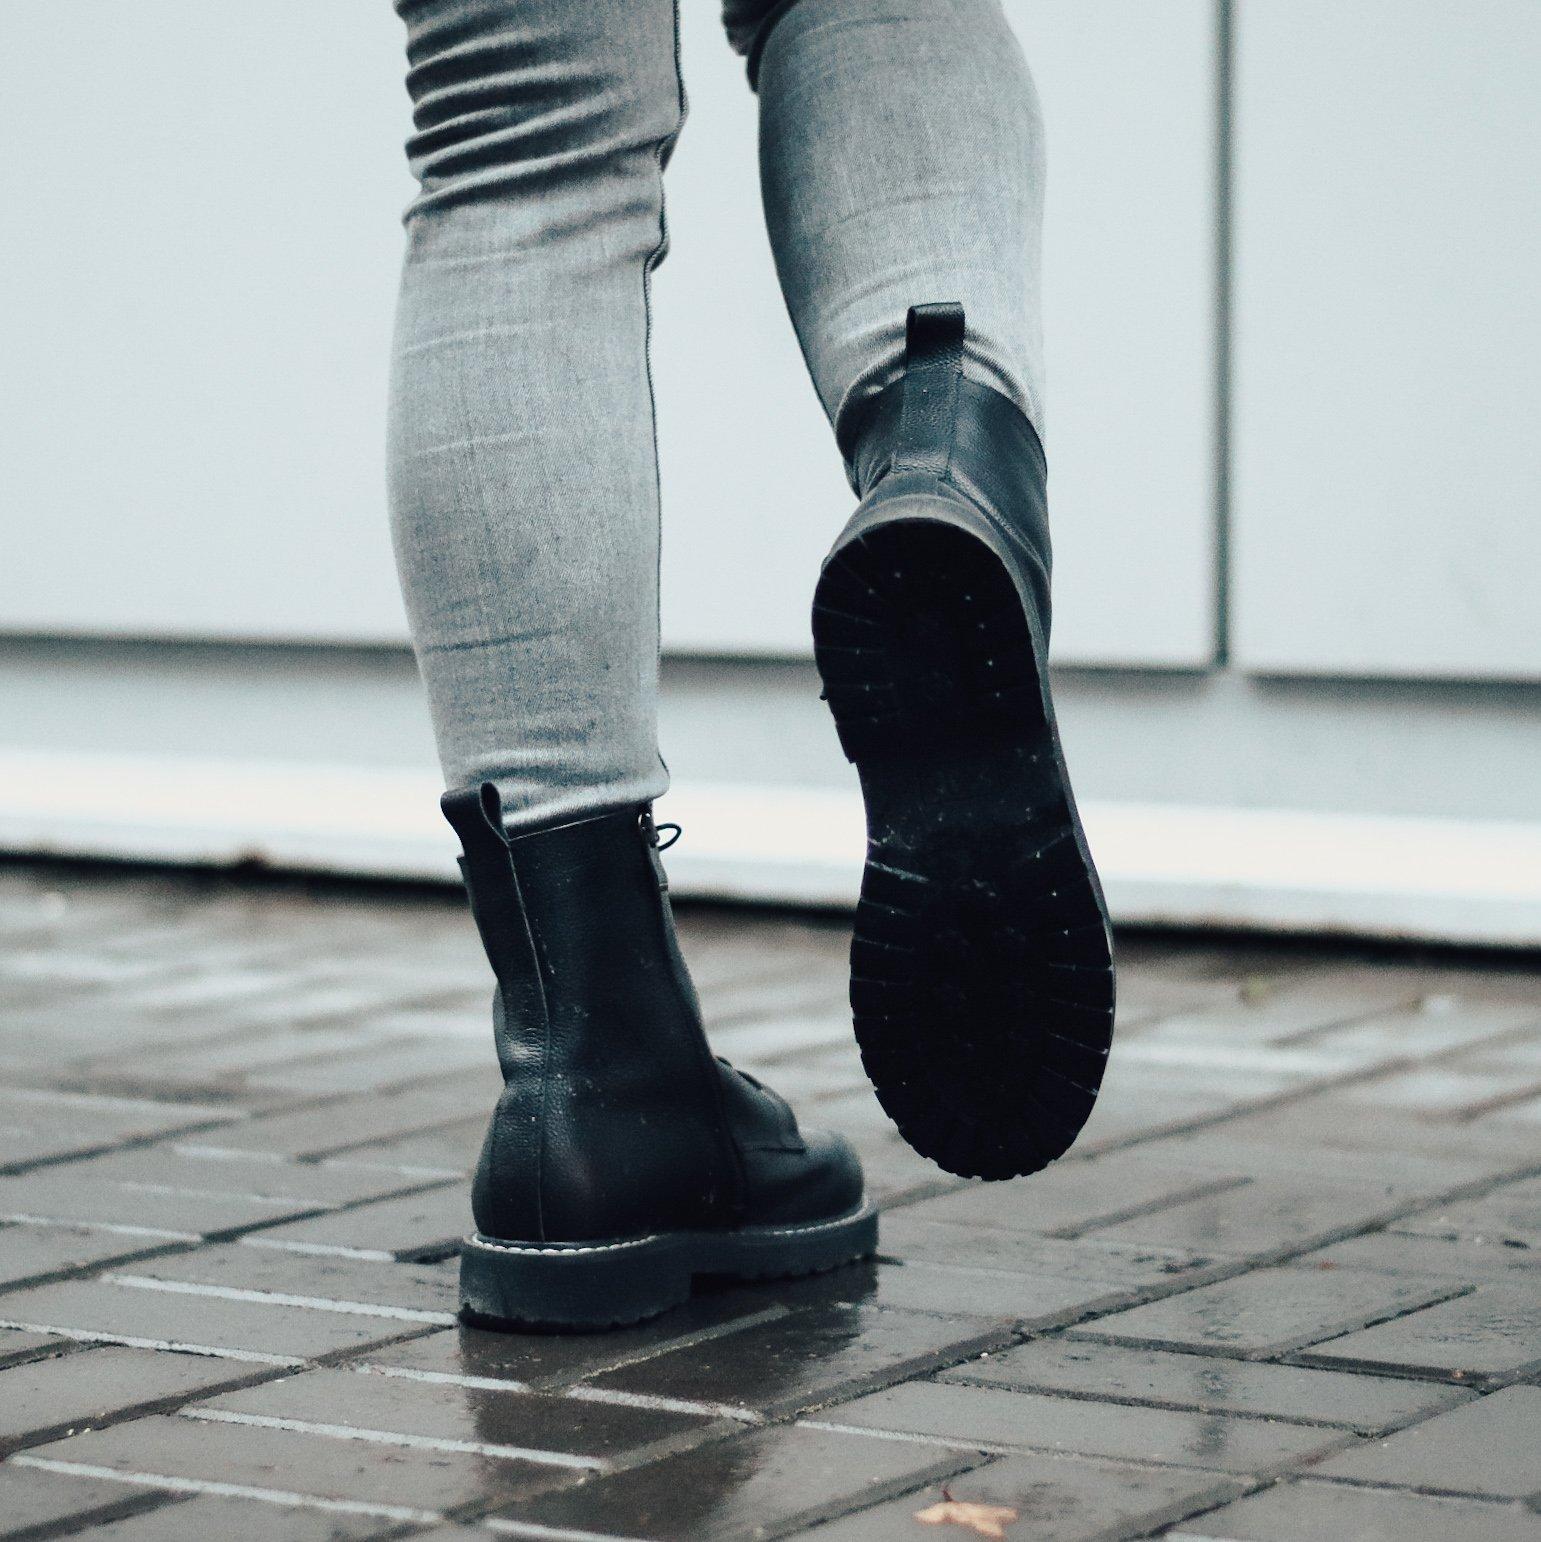 Ботинки из натуральной кожи - кожаные ботинки